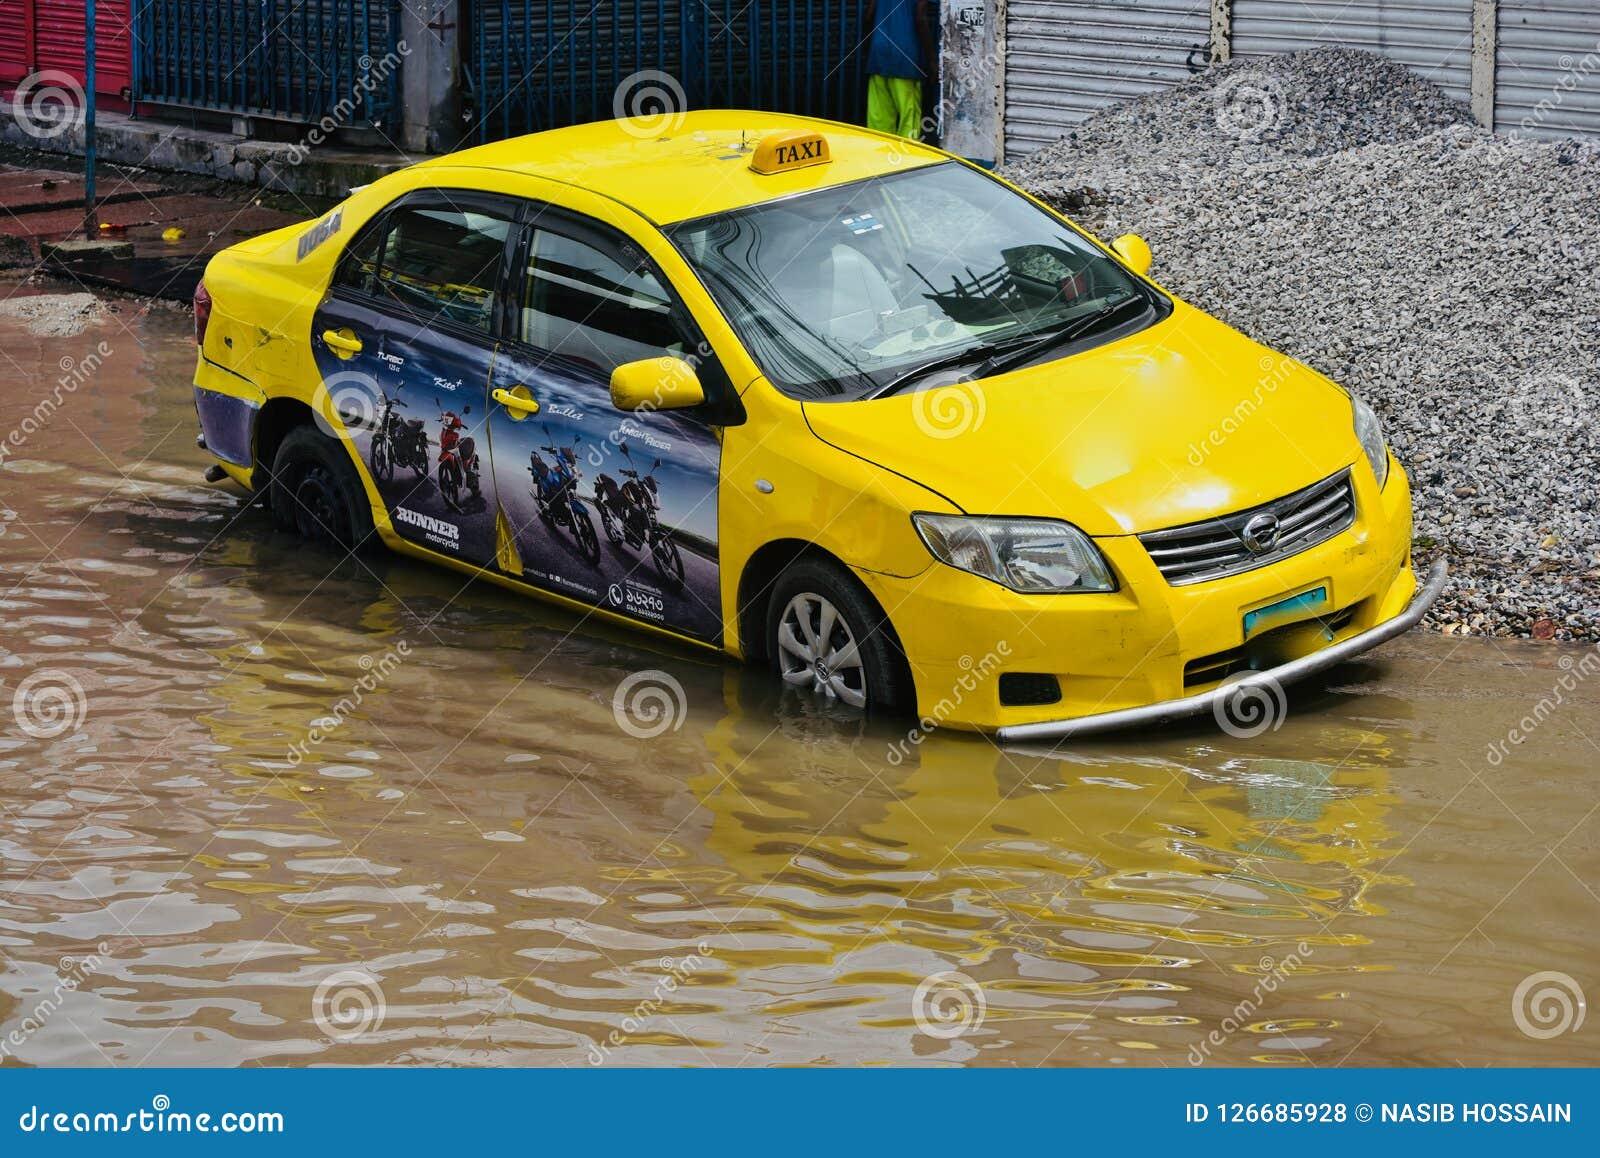 Yellow taxi cab stuck in the rain water in Bangladesh